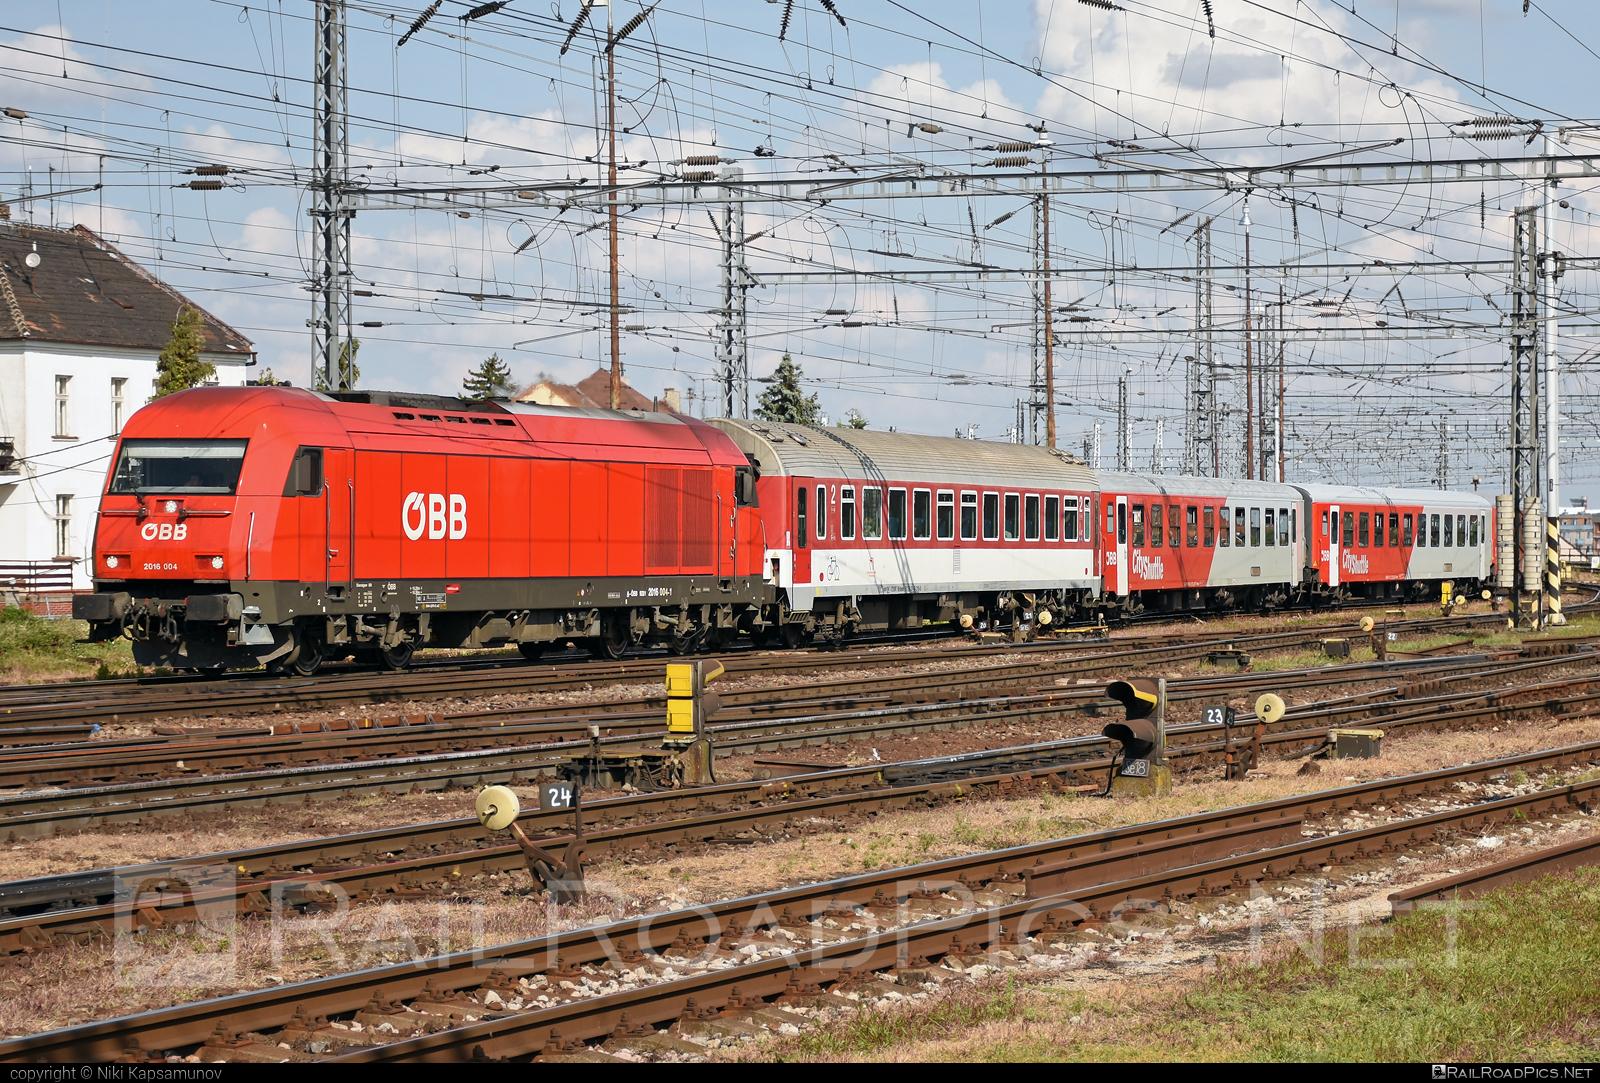 Siemens ER20 - 2016 004 operated by Österreichische Bundesbahnen #cityshuttle #er20 #er20hercules #eurorunner #hercules #obb #osterreichischebundesbahnen #siemens #siemenser20 #siemenser20hercules #siemenseurorunner #siemenshercules